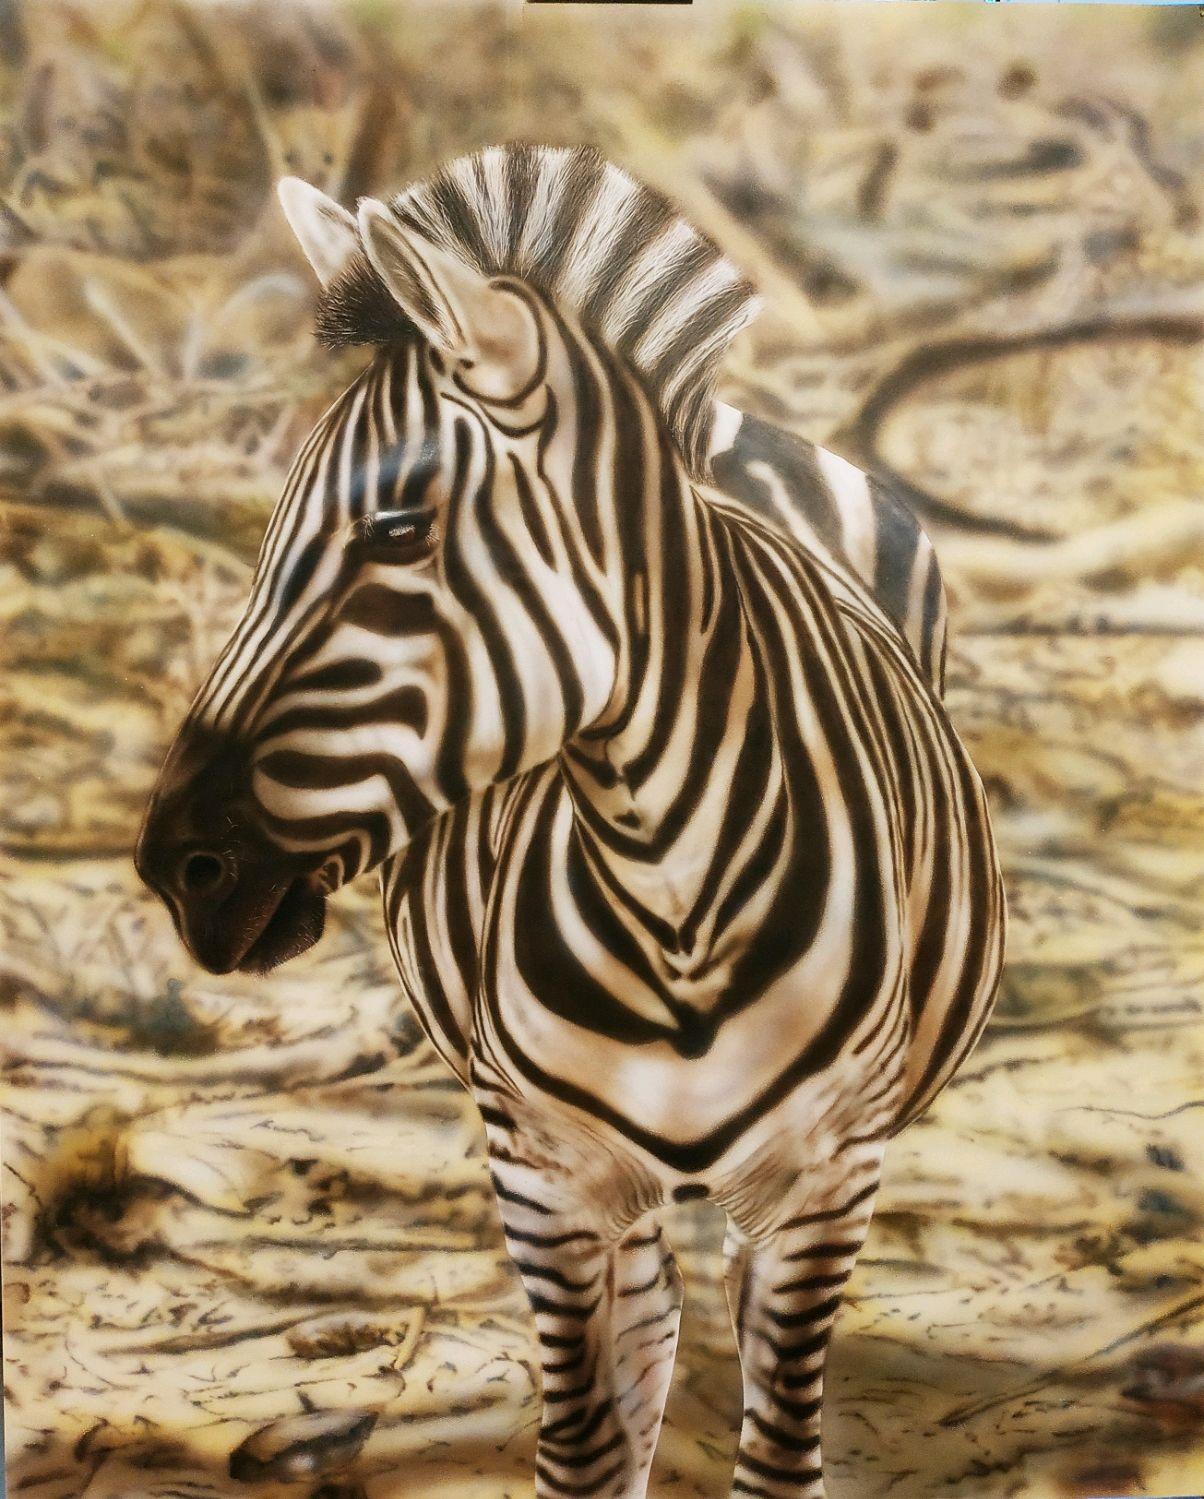 Животные ручной работы. Ярмарка Мастеров - ручная работа. Купить Картина Зебра. Handmade. Живопись, африка, зебра, картина, подарок